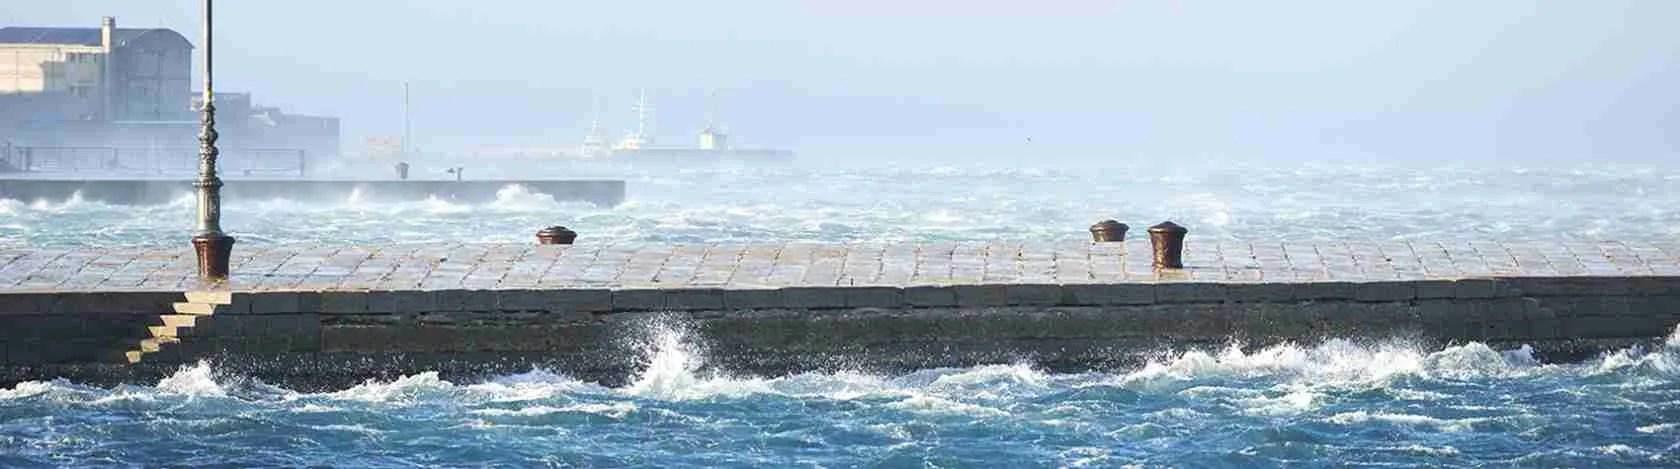 Le escort Trieste hanno dovuto abituarsi anche alla Bora di Trieste per soggiornare in città.